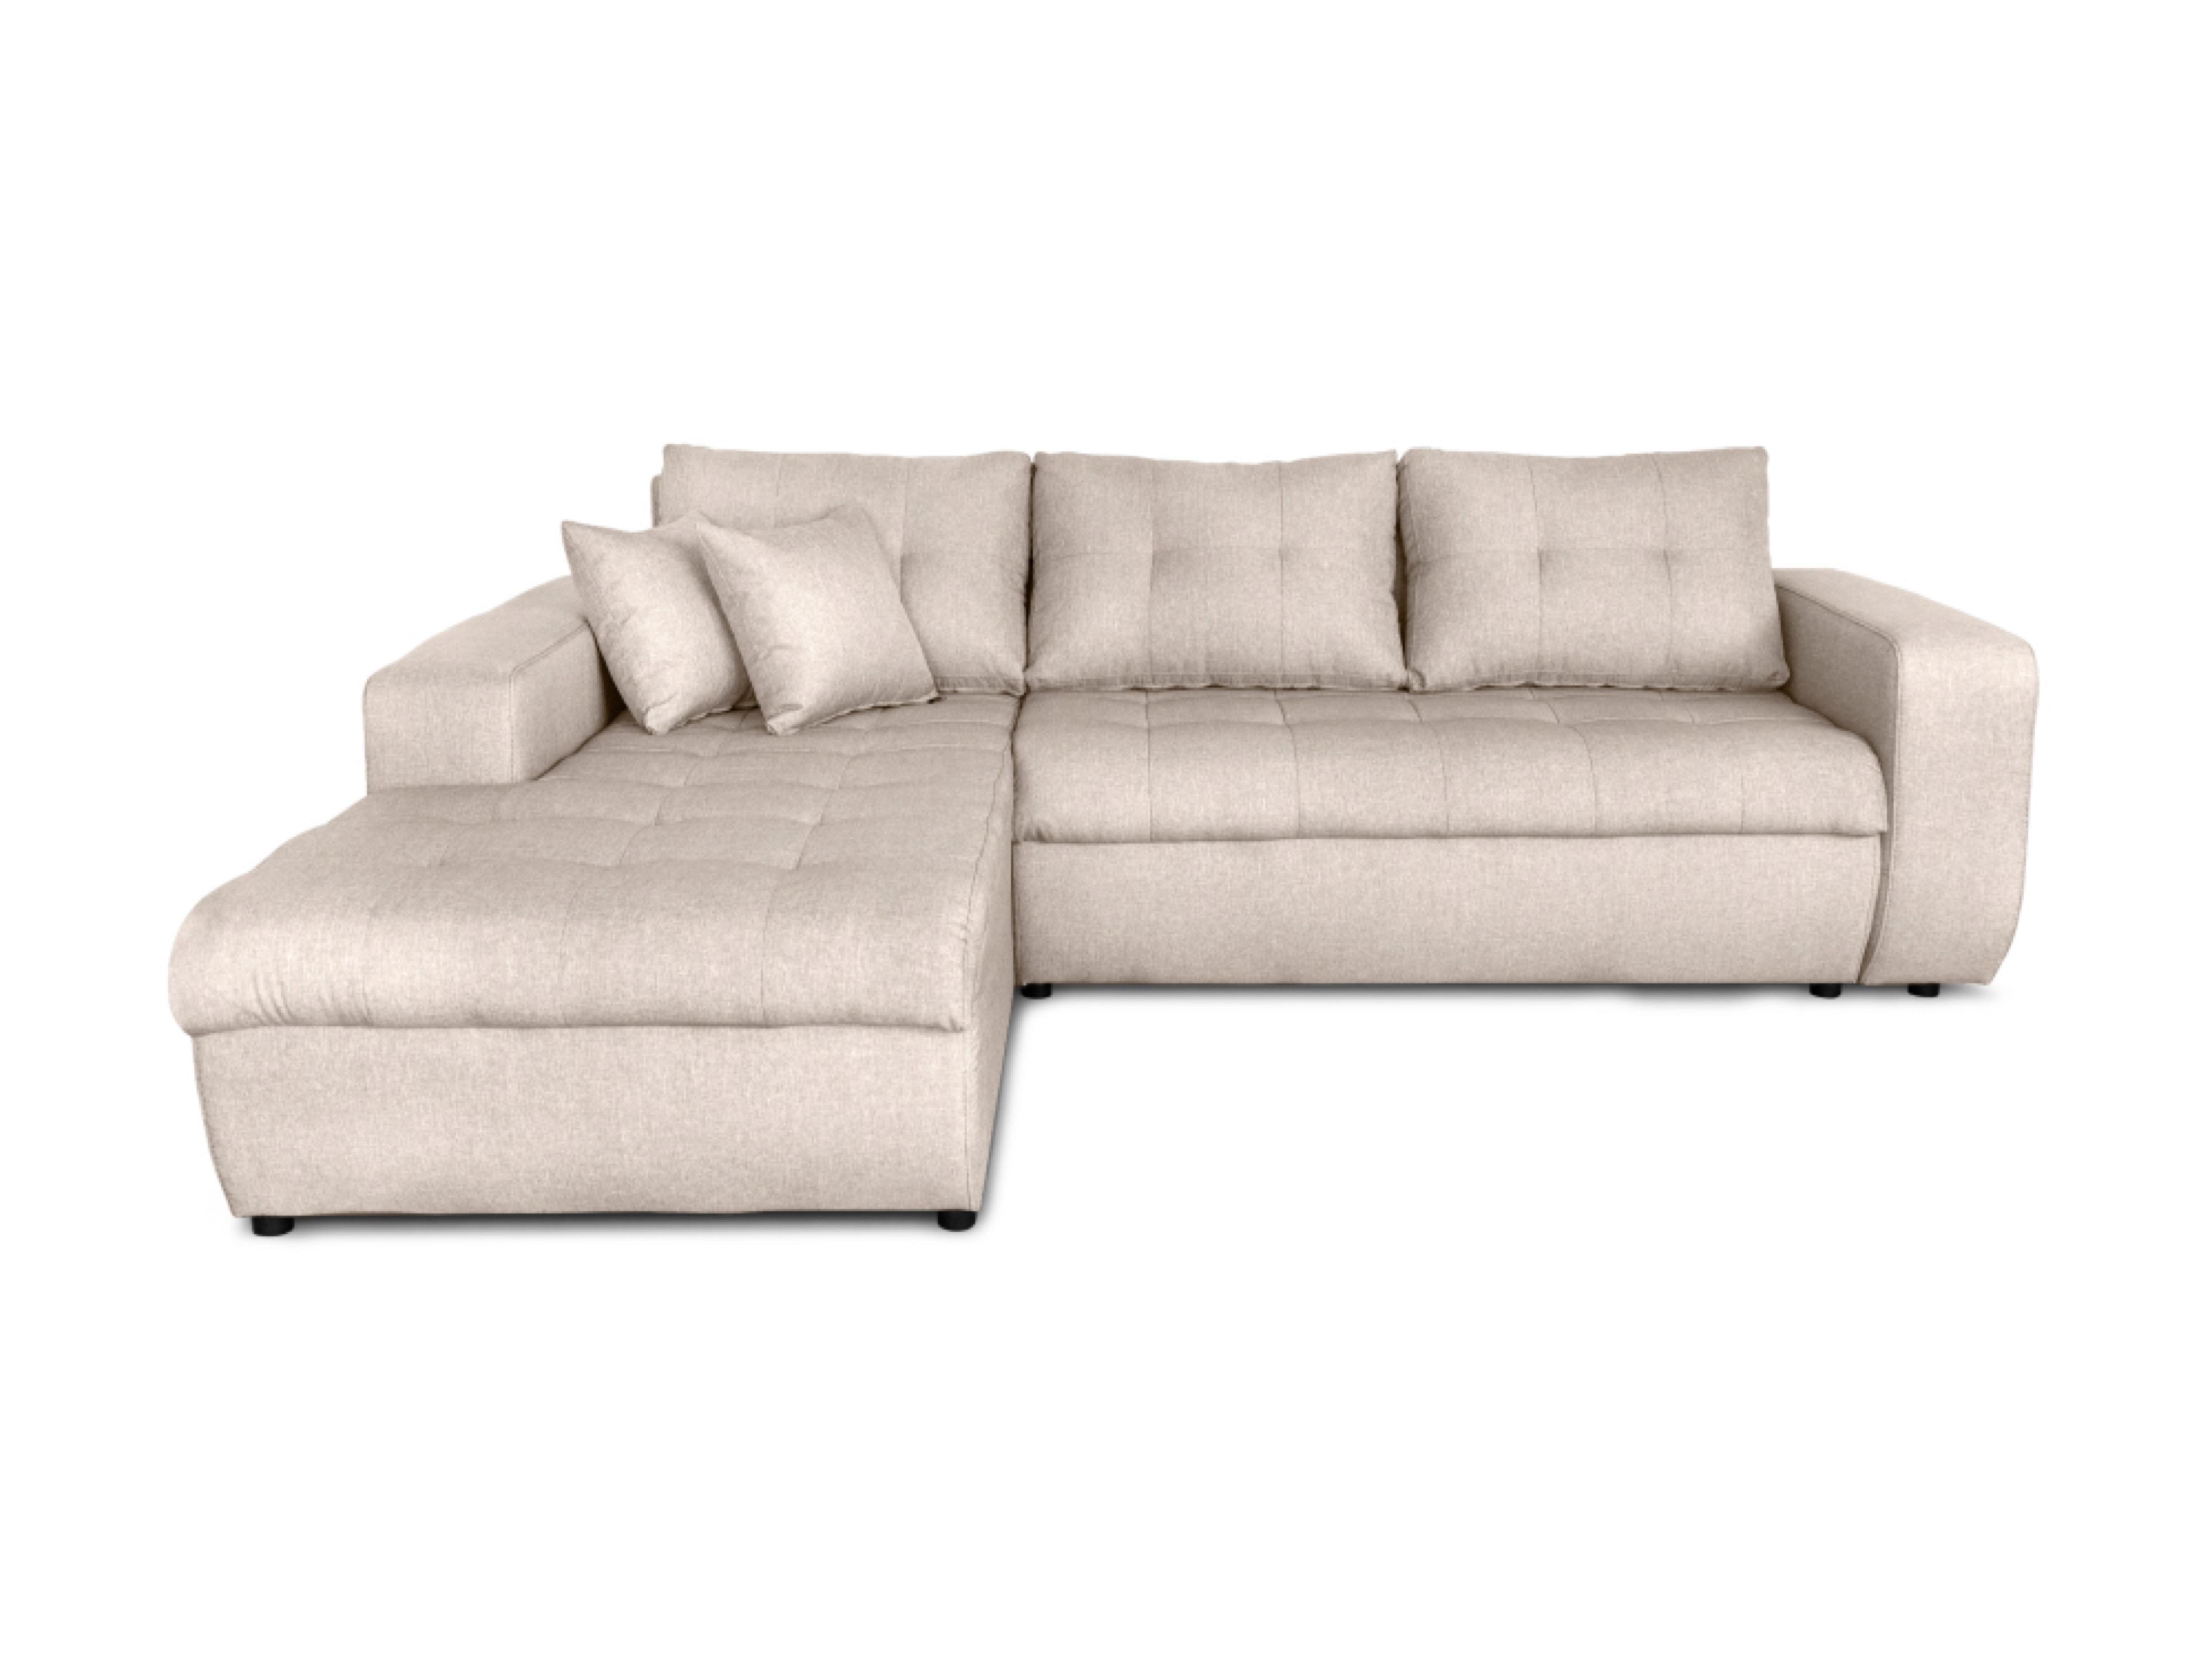 Canapé d'angle gauche convertible 4 places en tissu beige